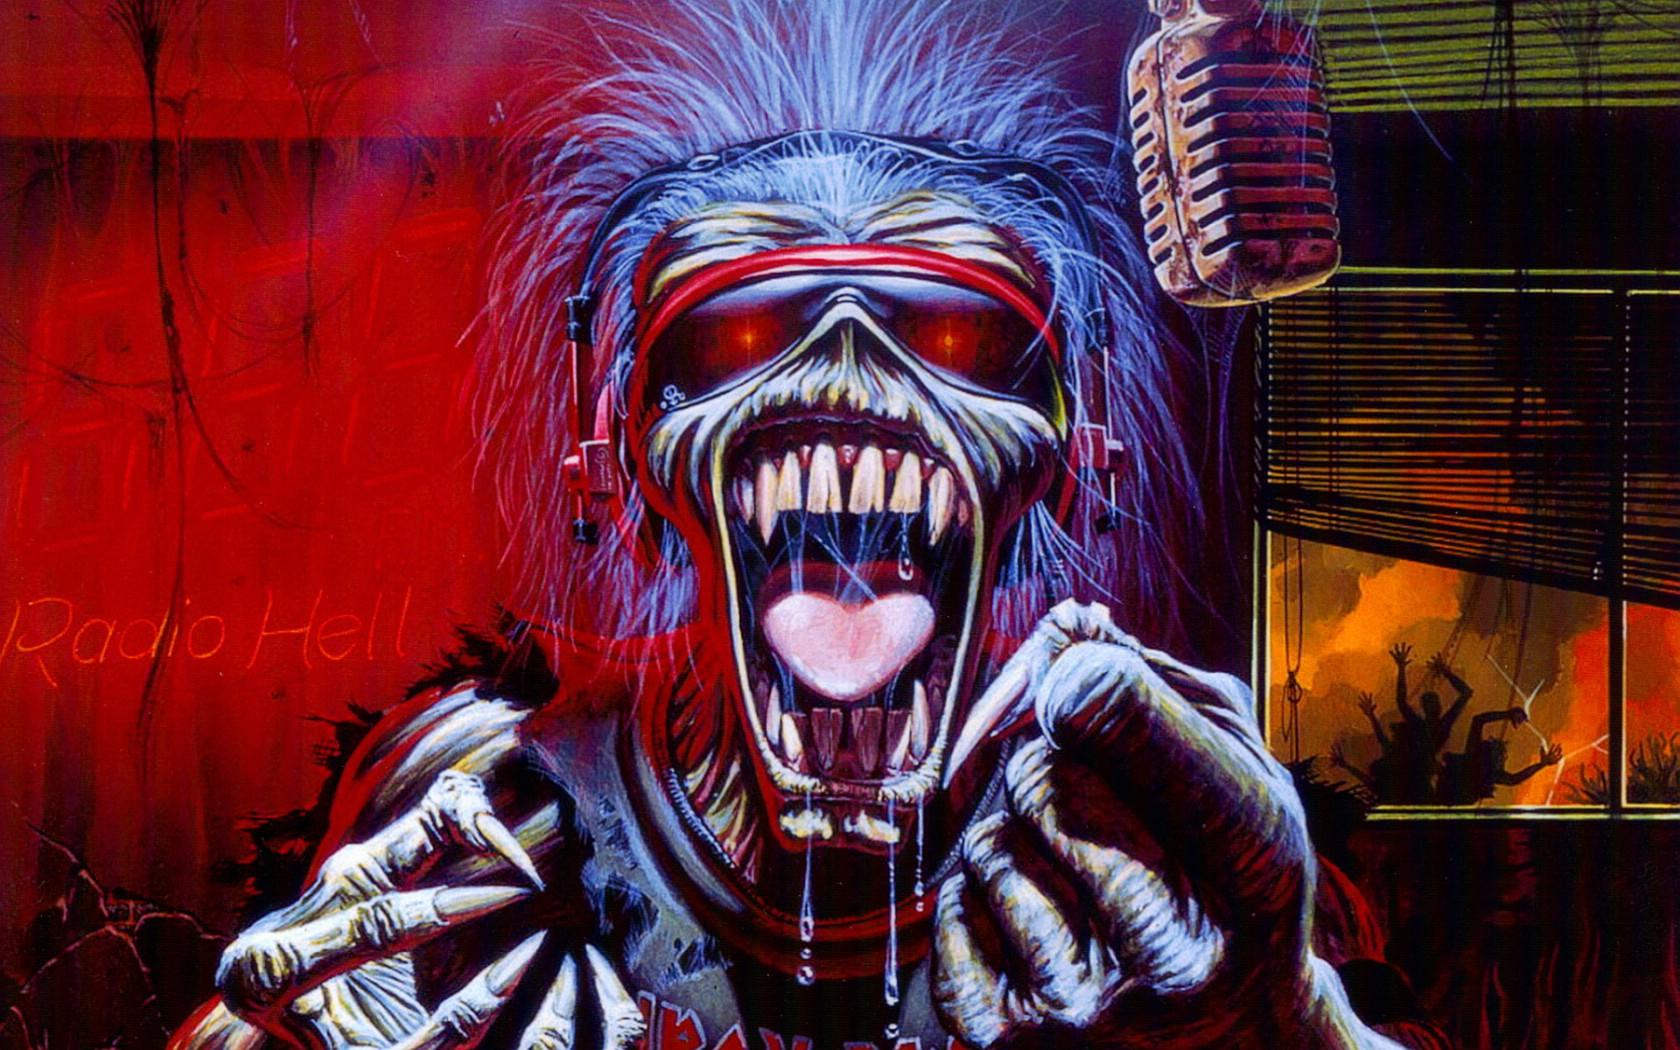 壁纸1680×1050Iron Maiden 重金属乐队专辑插